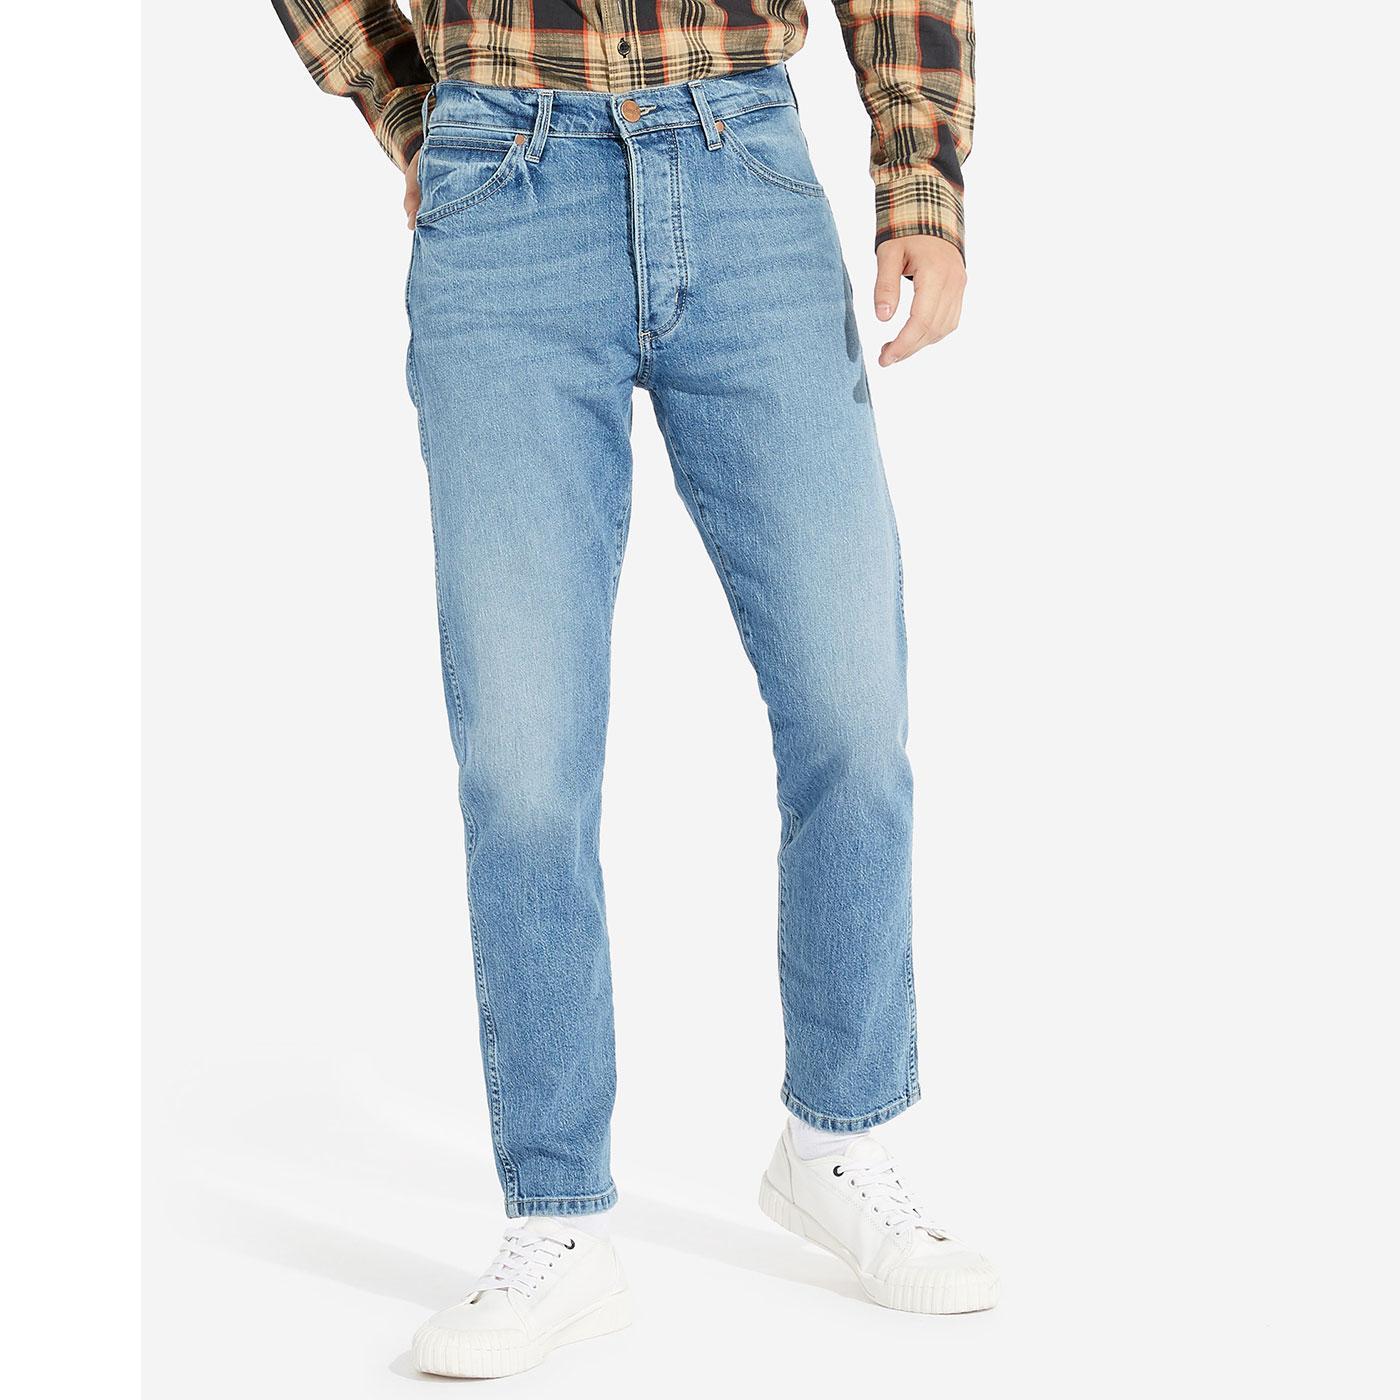 Slider WRANGLER Regular Tapered Stonewash Jeans